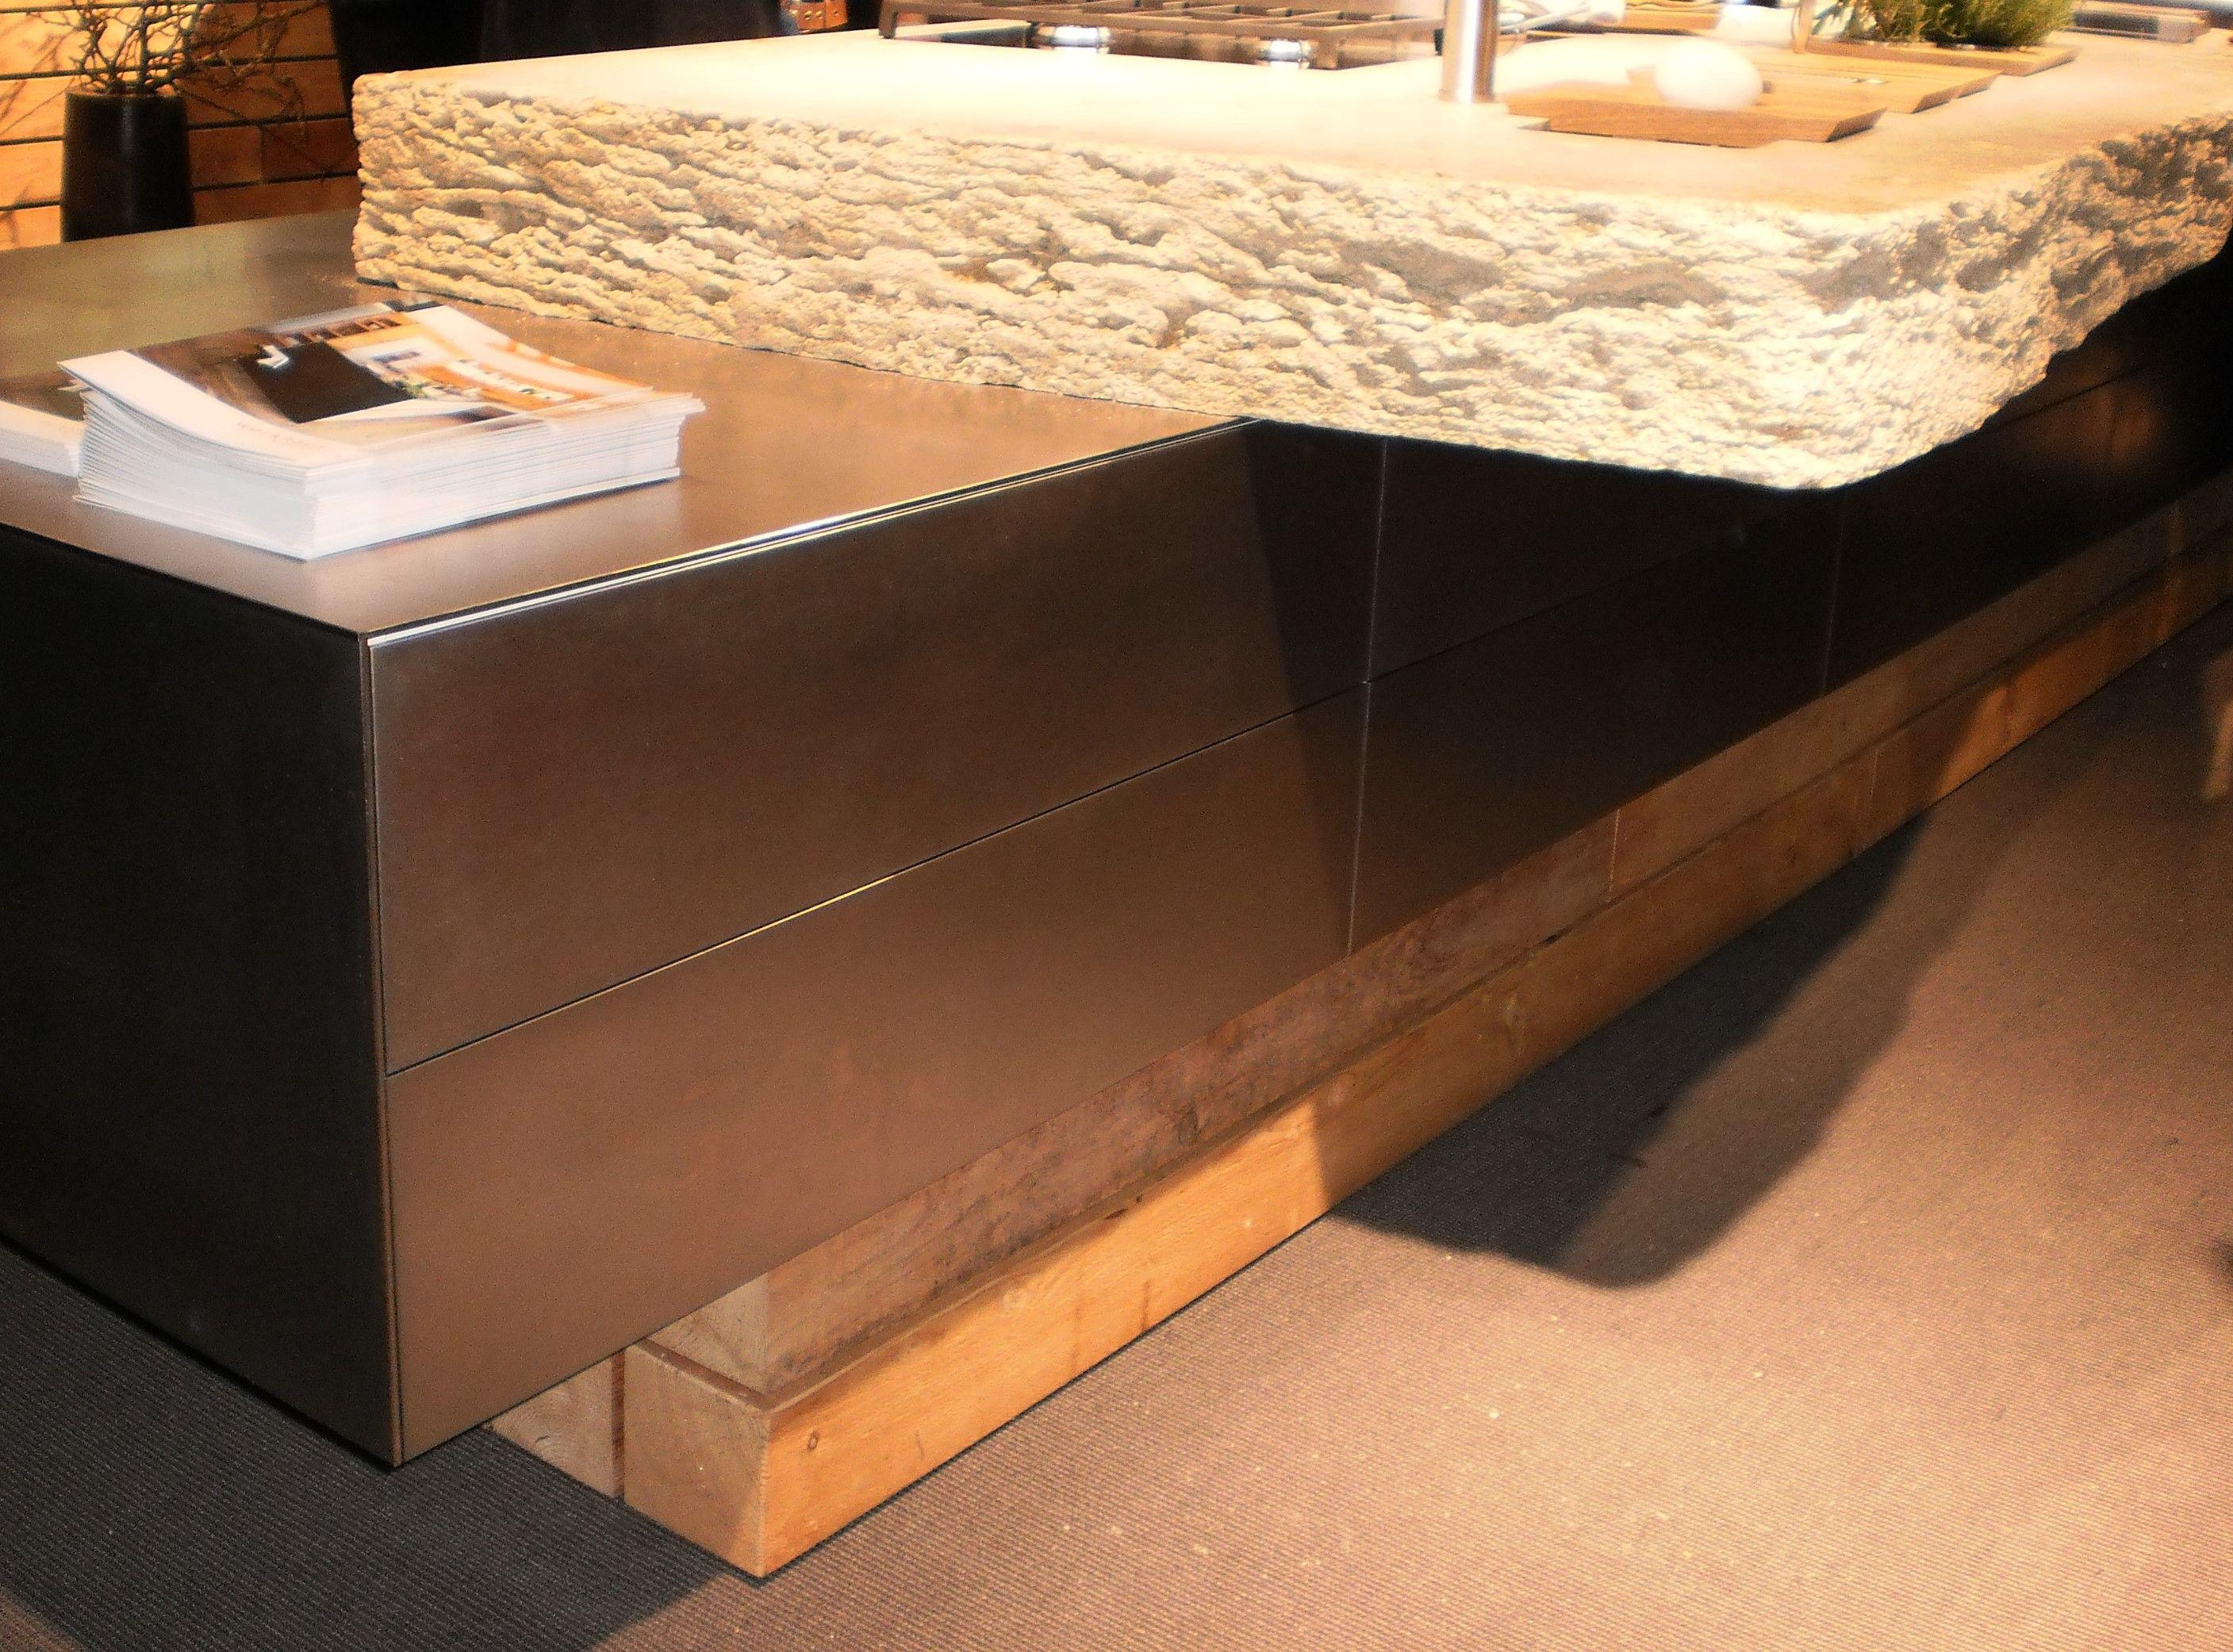 kche steinplatte best gute inspiration steinplatte kche und tolle aus keramik vorteile. Black Bedroom Furniture Sets. Home Design Ideas